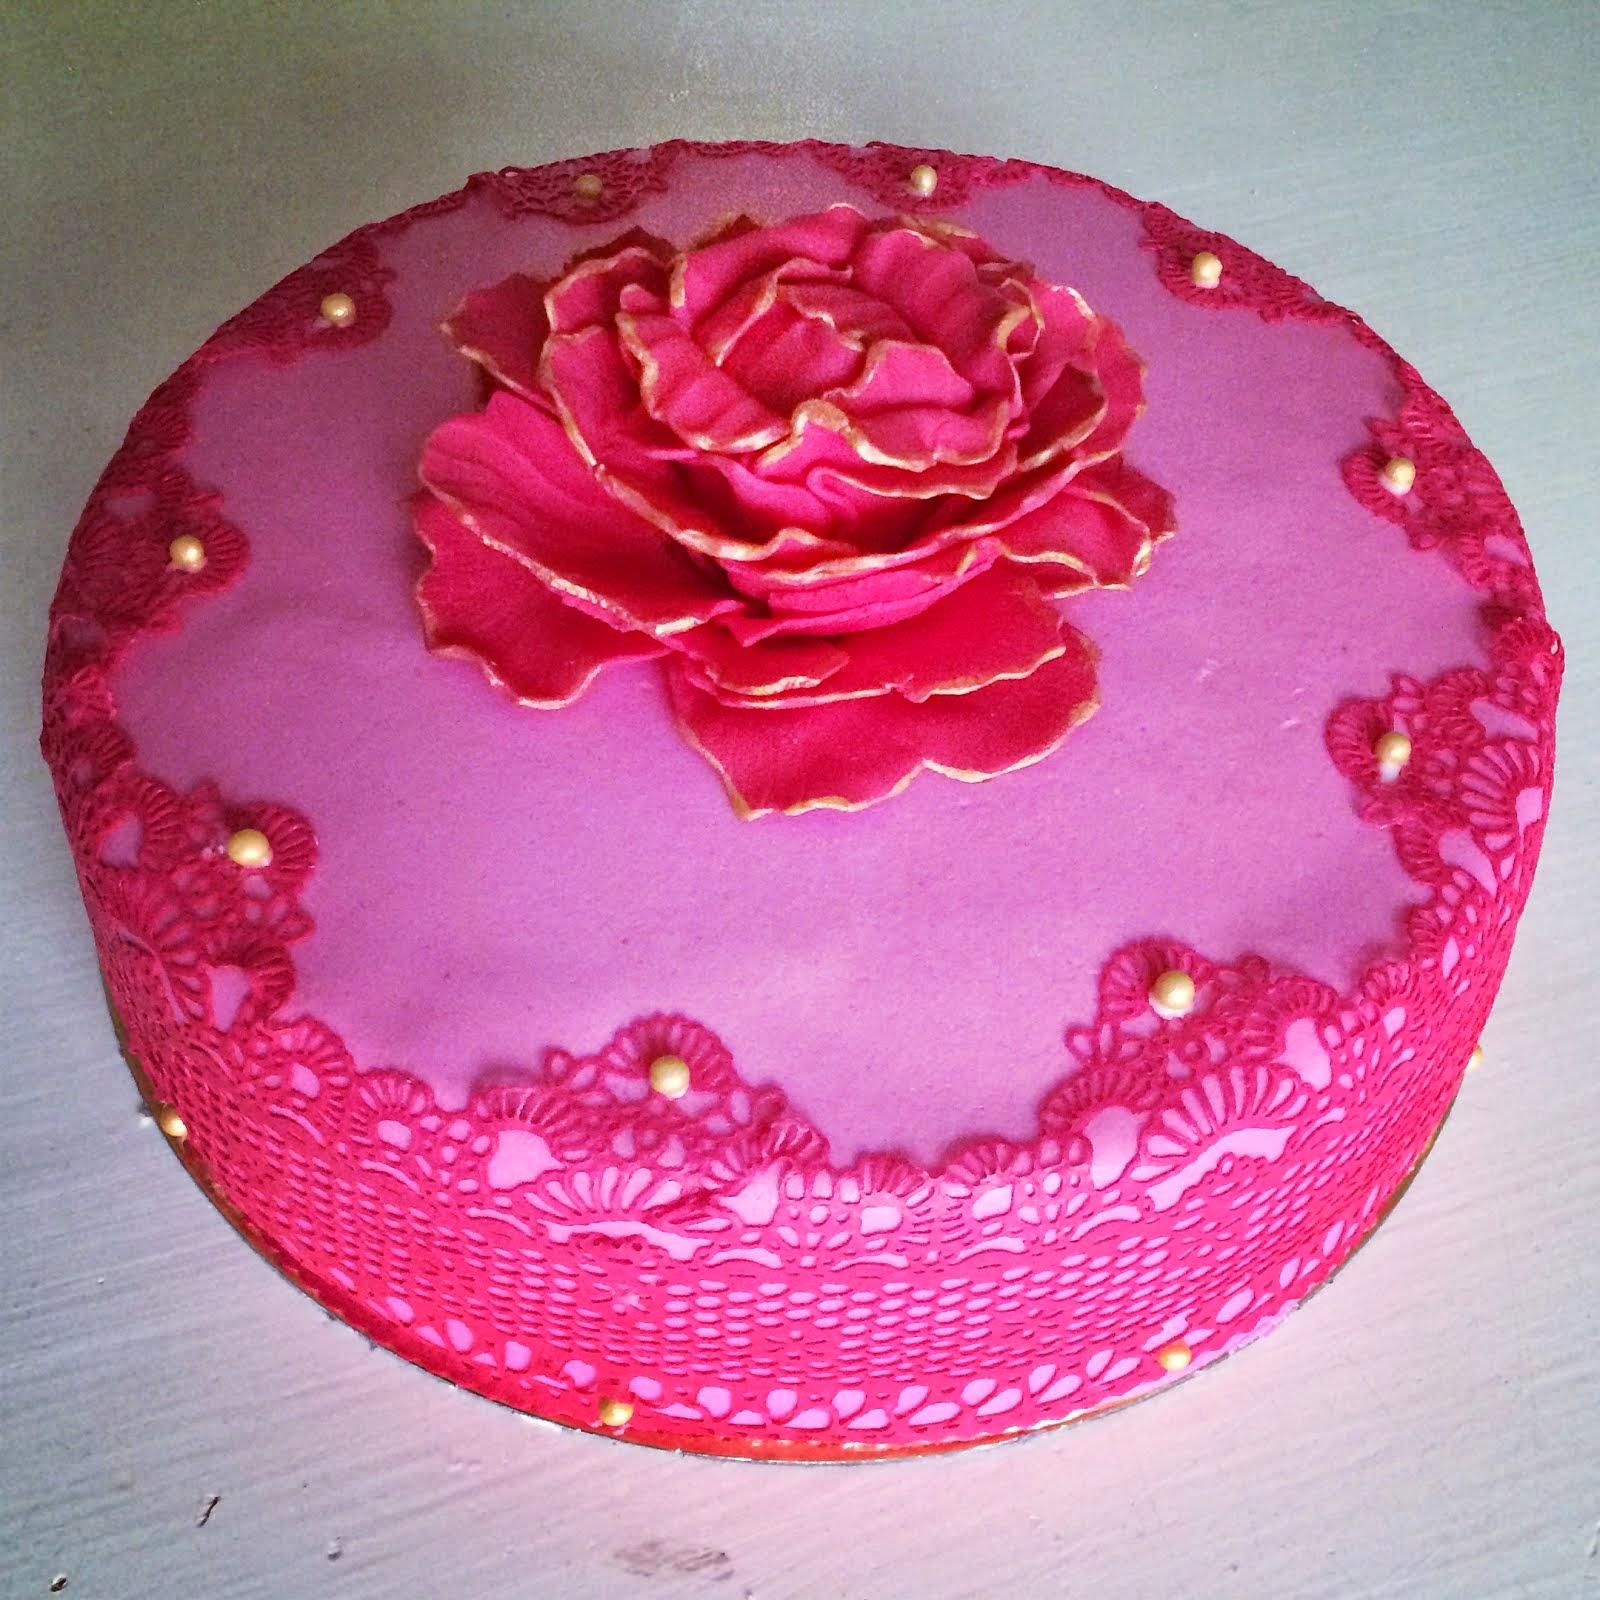 Tårta med sockerspets och pion